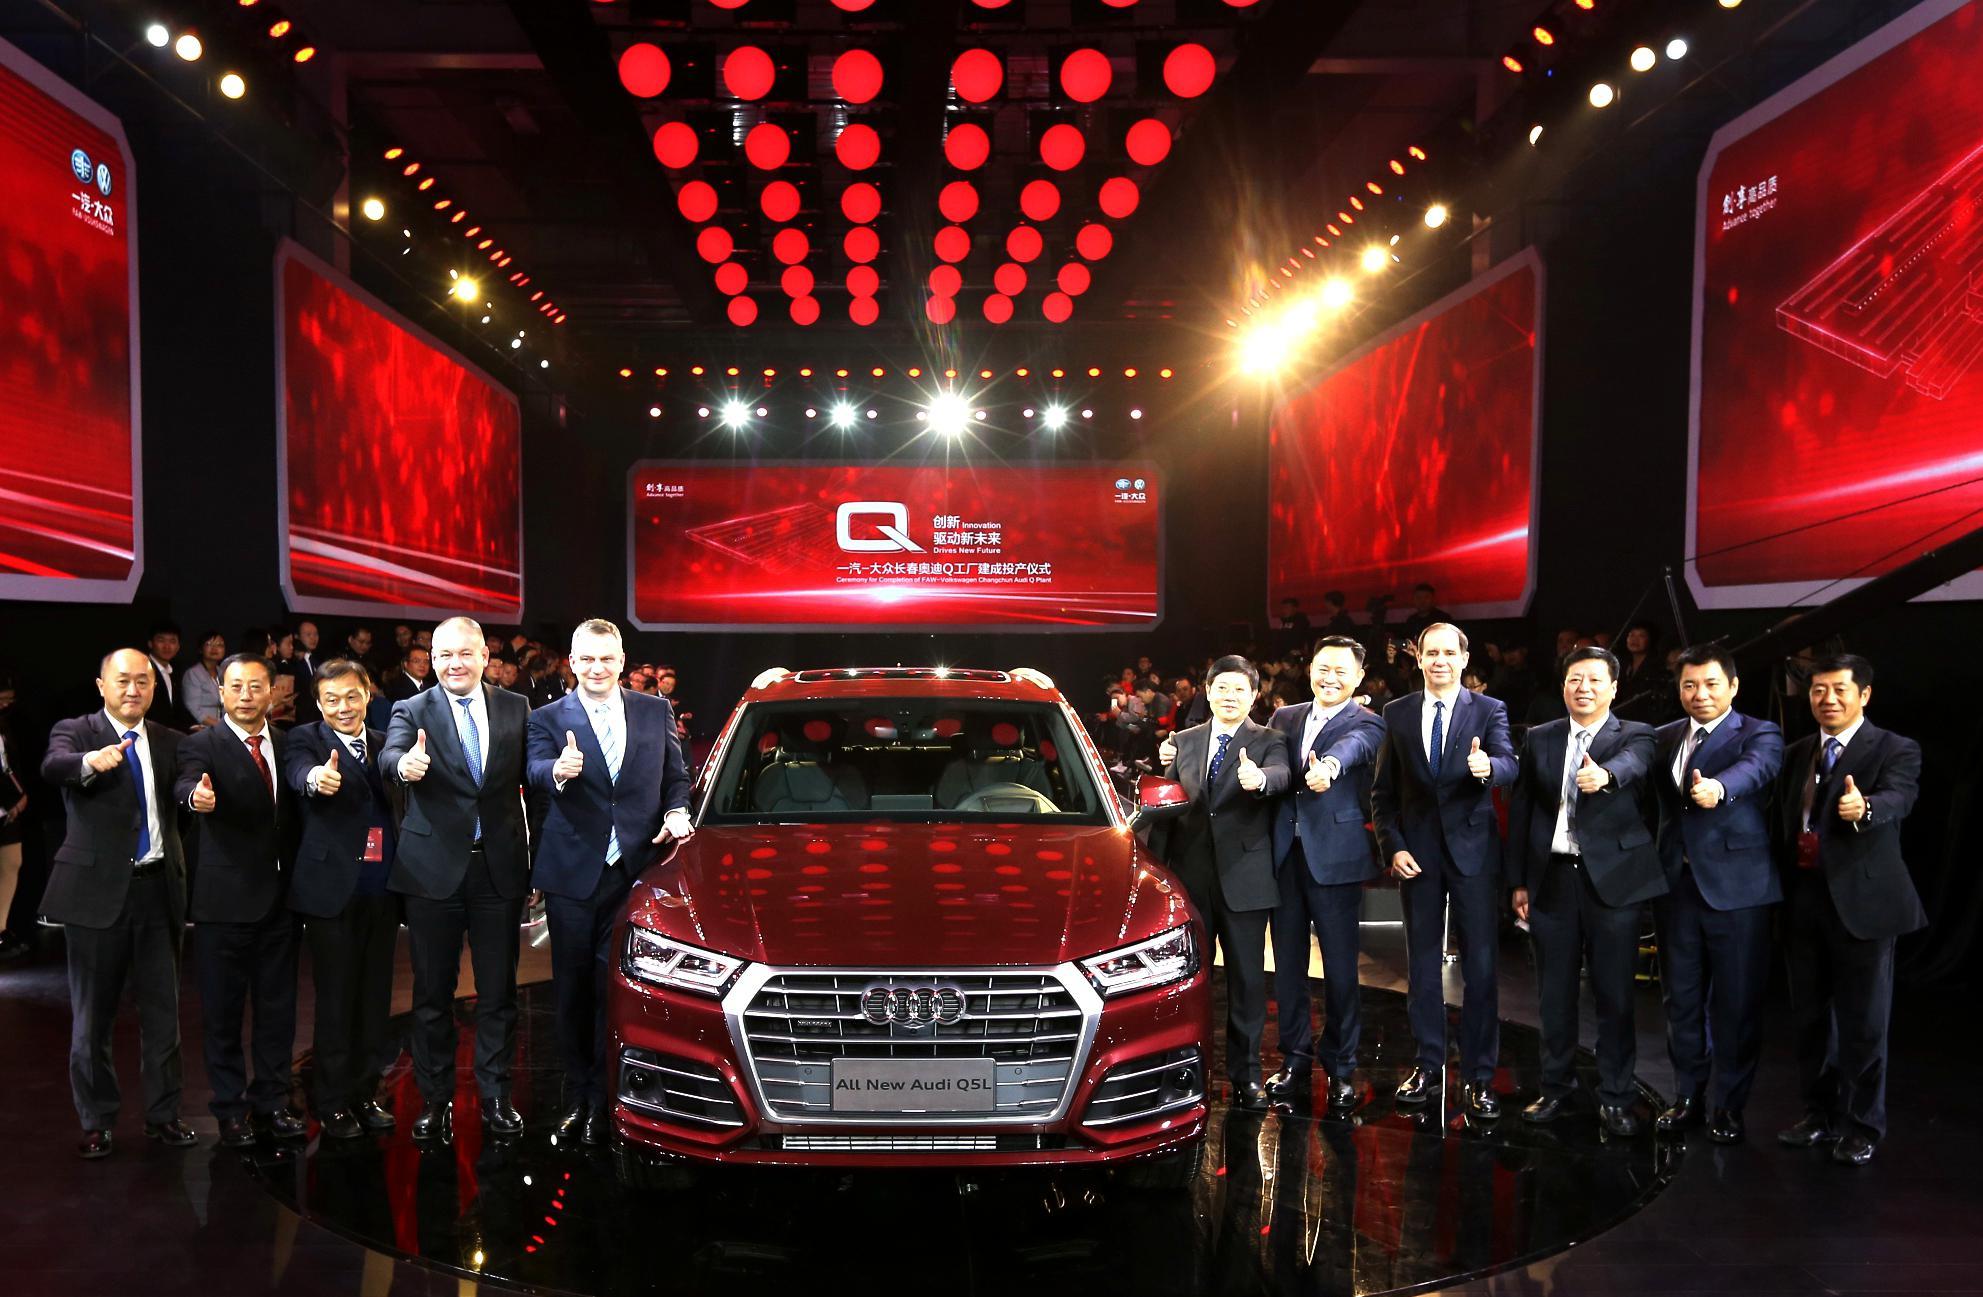 一汽-大众奥迪Q工厂建成 国产奥迪Q5L亮相